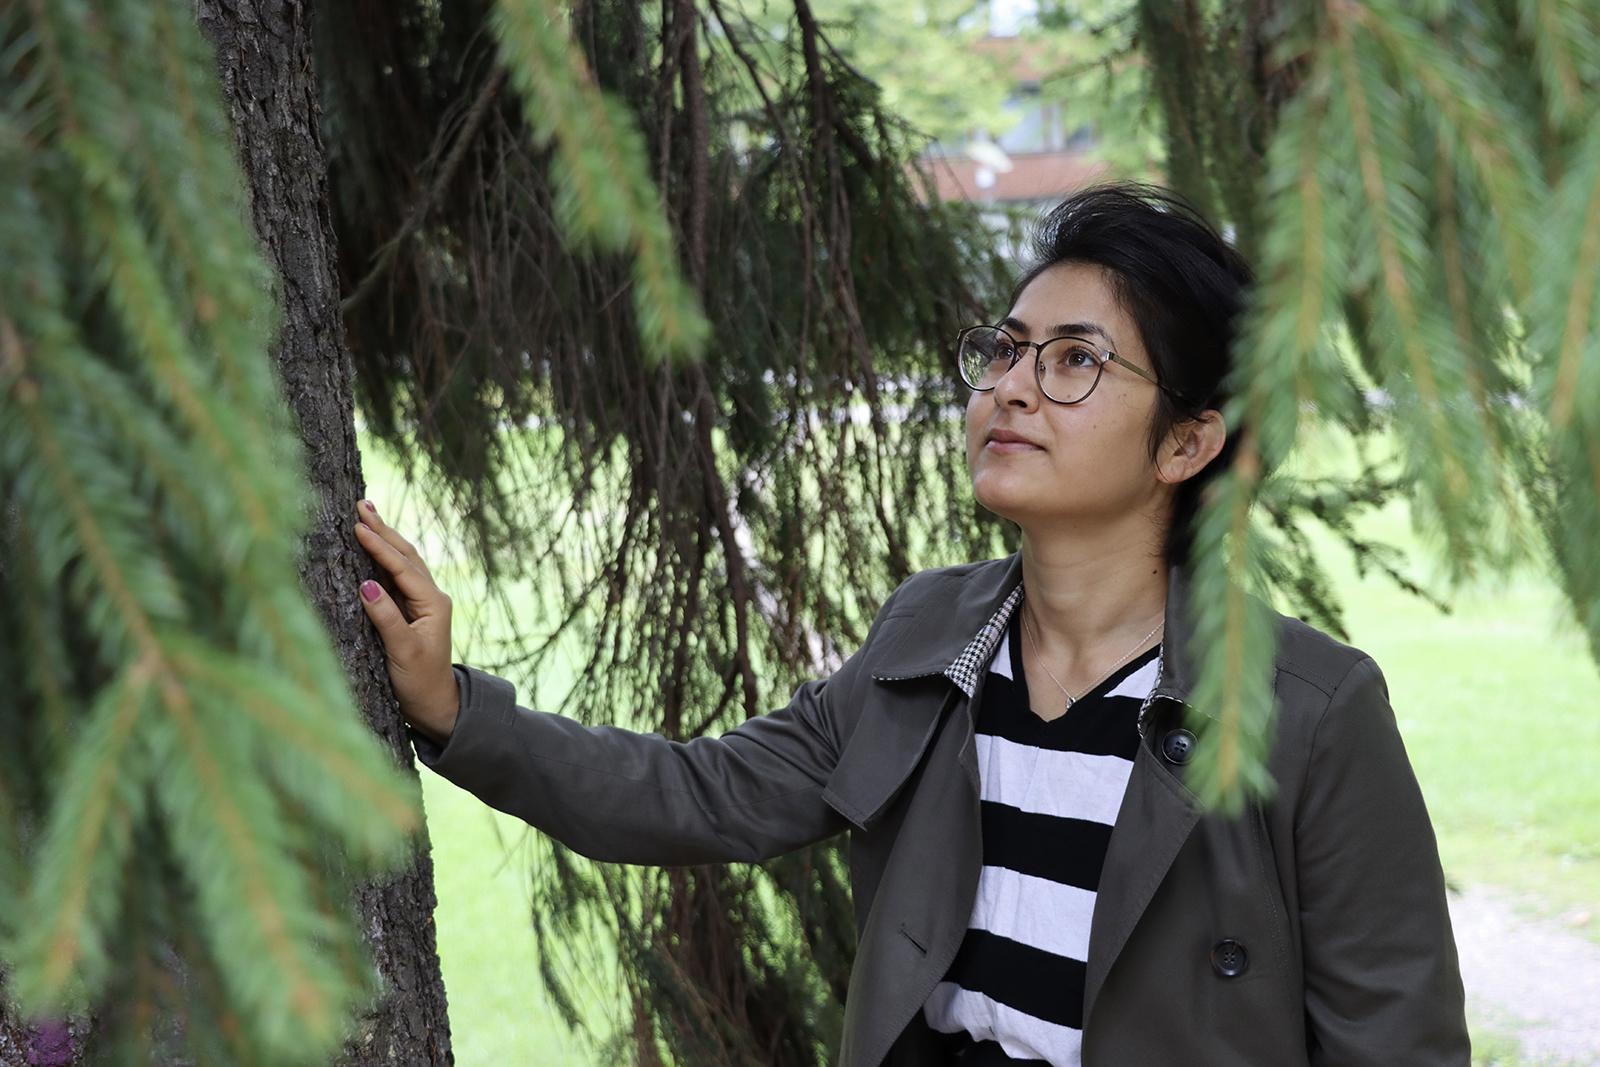 Aalto-yliopiston tutkija Mamat Bhattarai. Kuva: Anna Kauppi